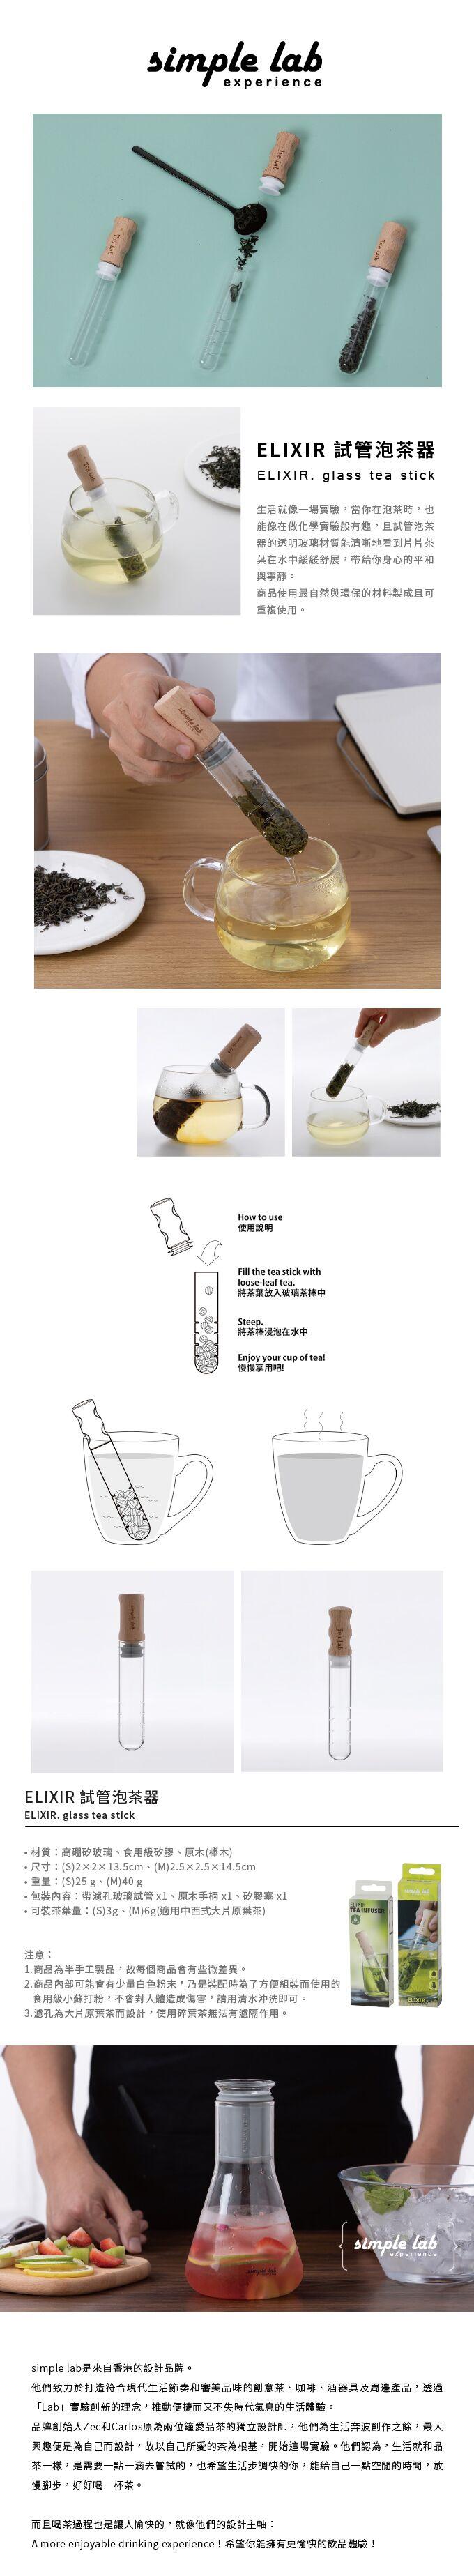 香港 SIMPLE LAB ELIXIR 試管泡茶器M